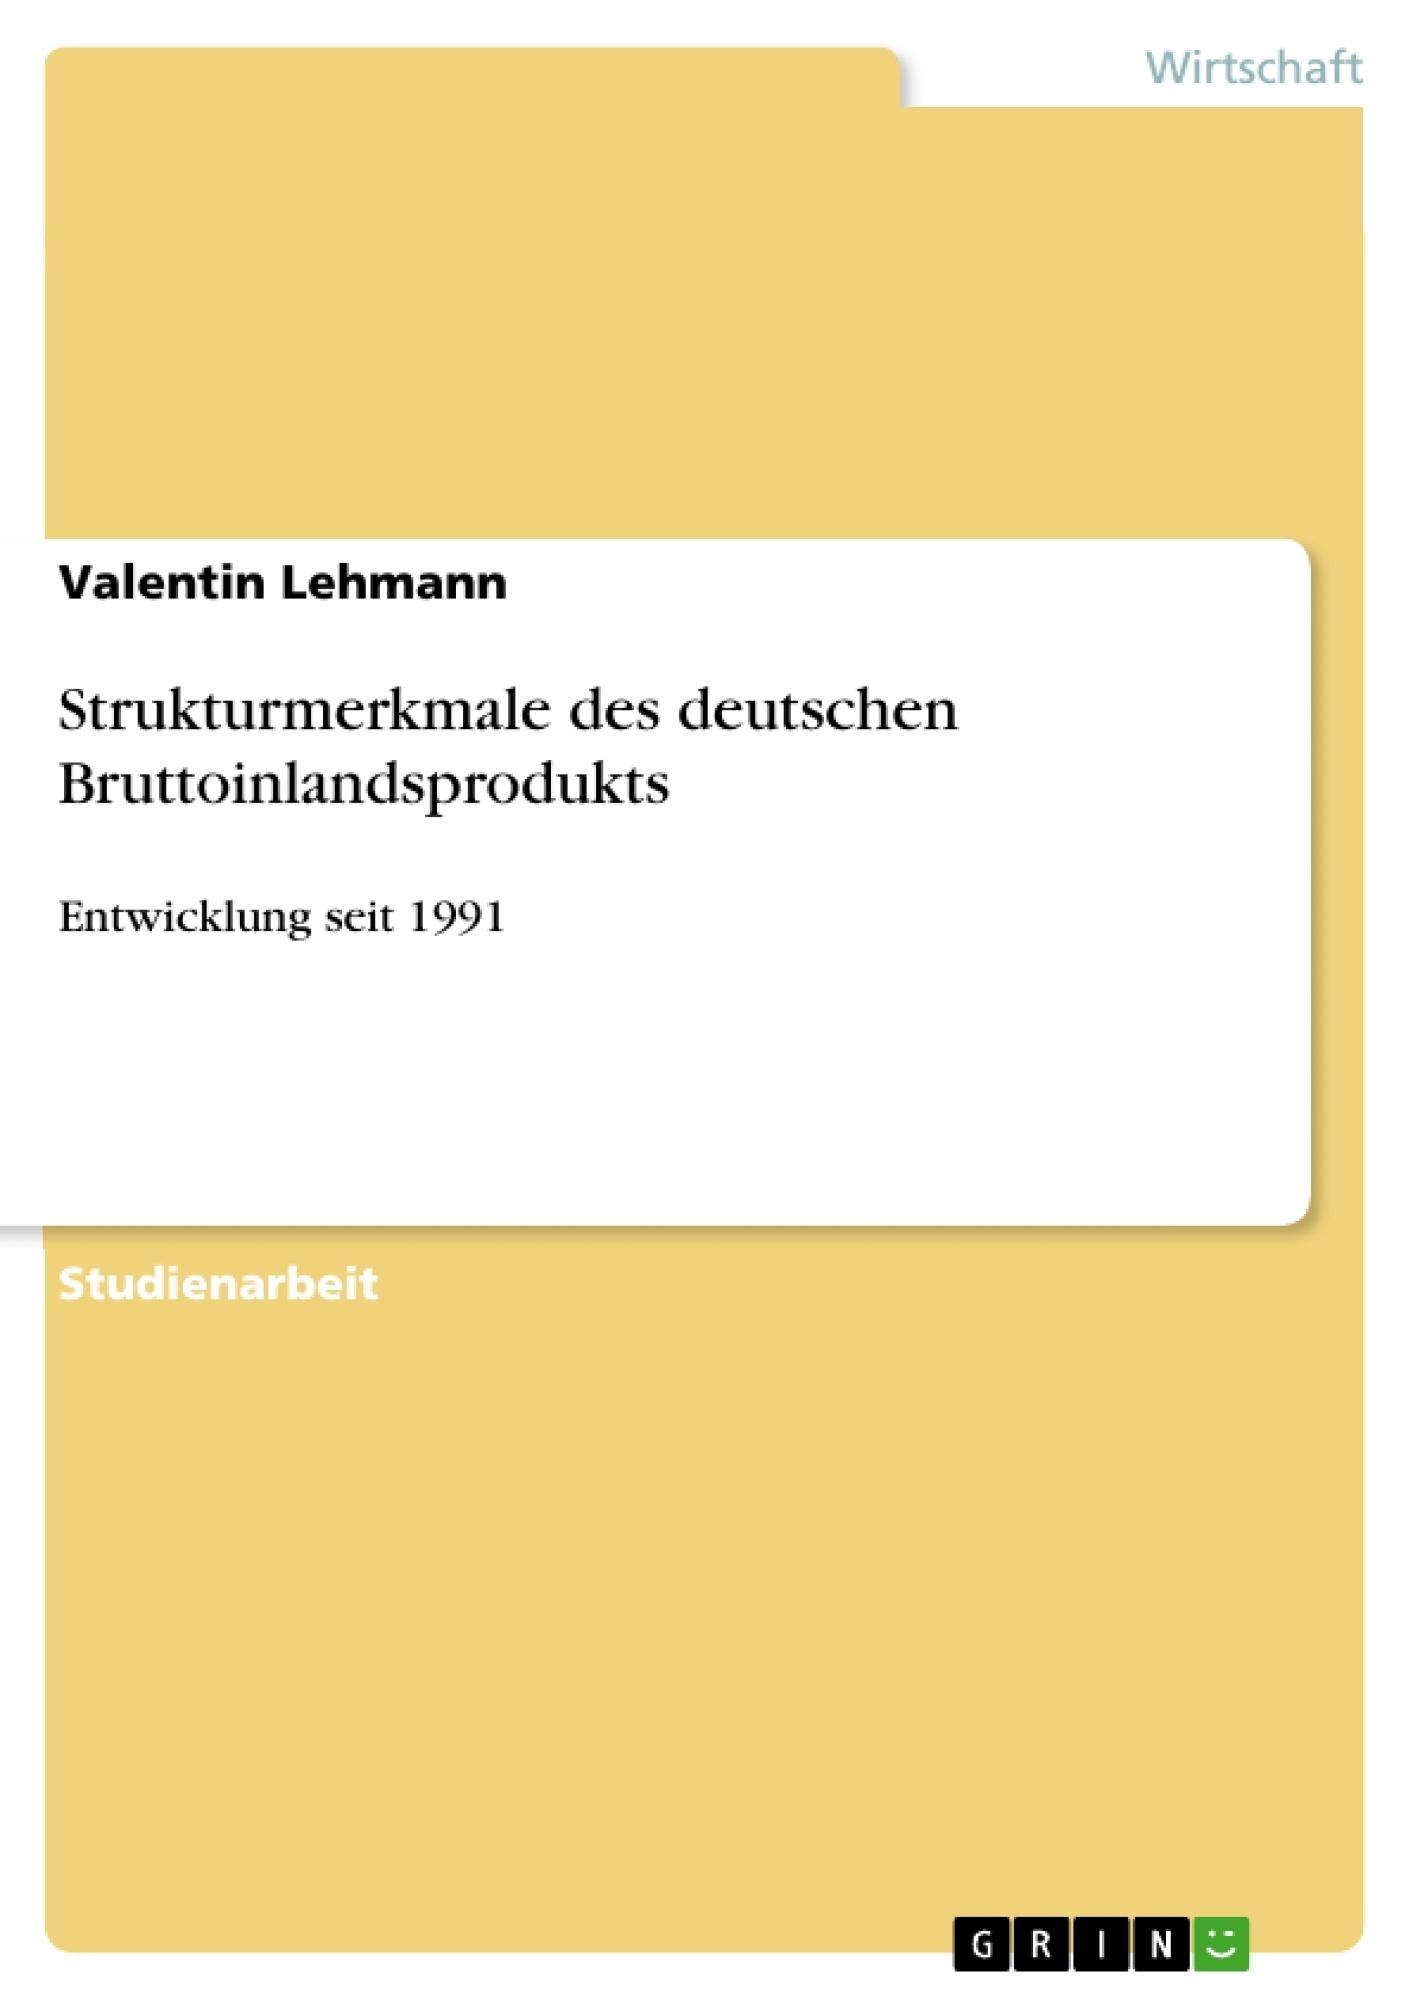 Titel: Strukturmerkmale des deutschen Bruttoinlandsprodukts